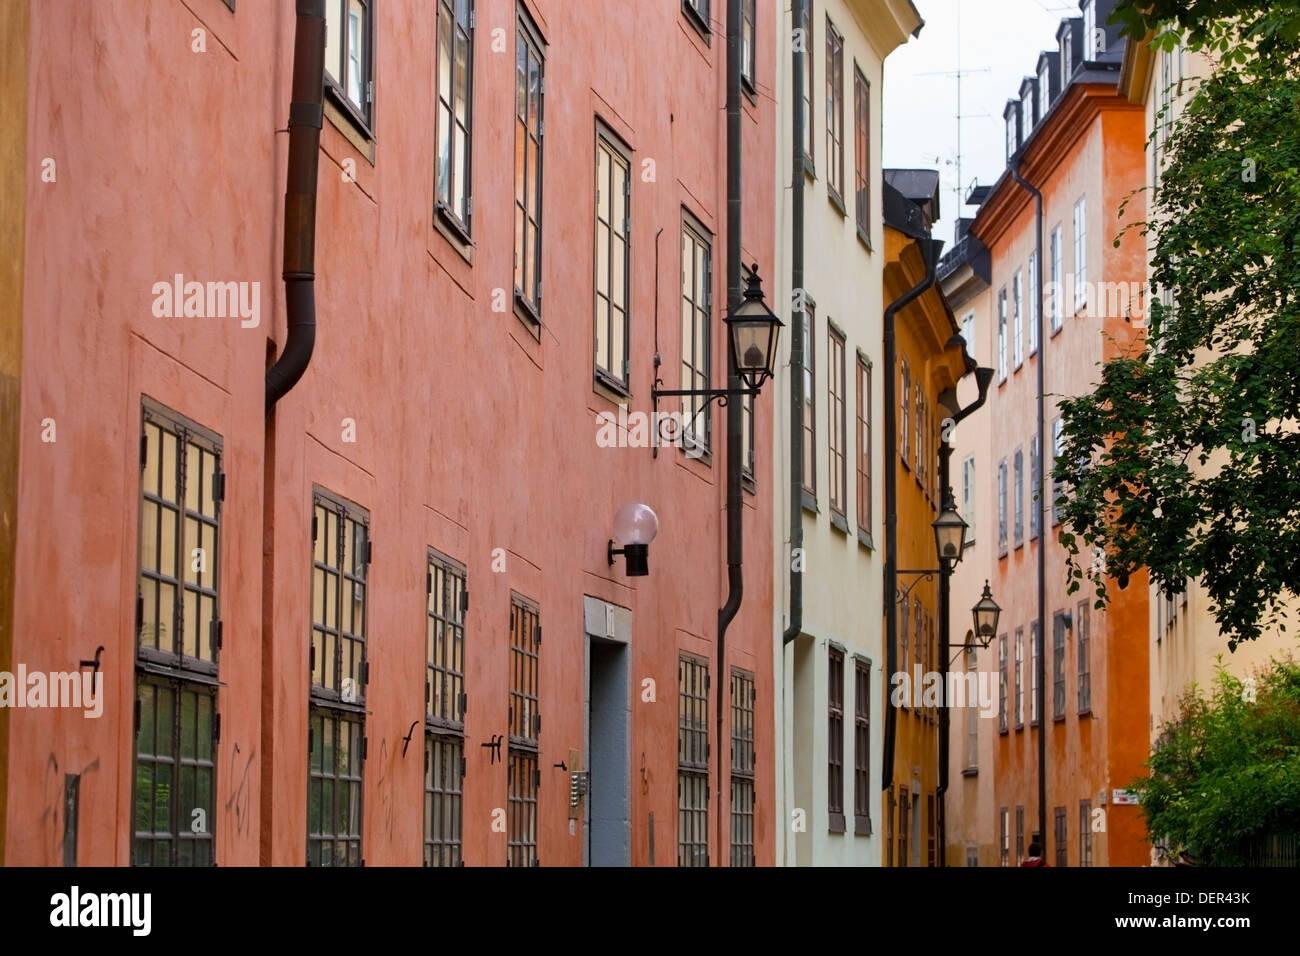 Gli edifici colorati nella città vecchia / Gamla Stan di Stoccolma, Svezia, Europa Immagini Stock